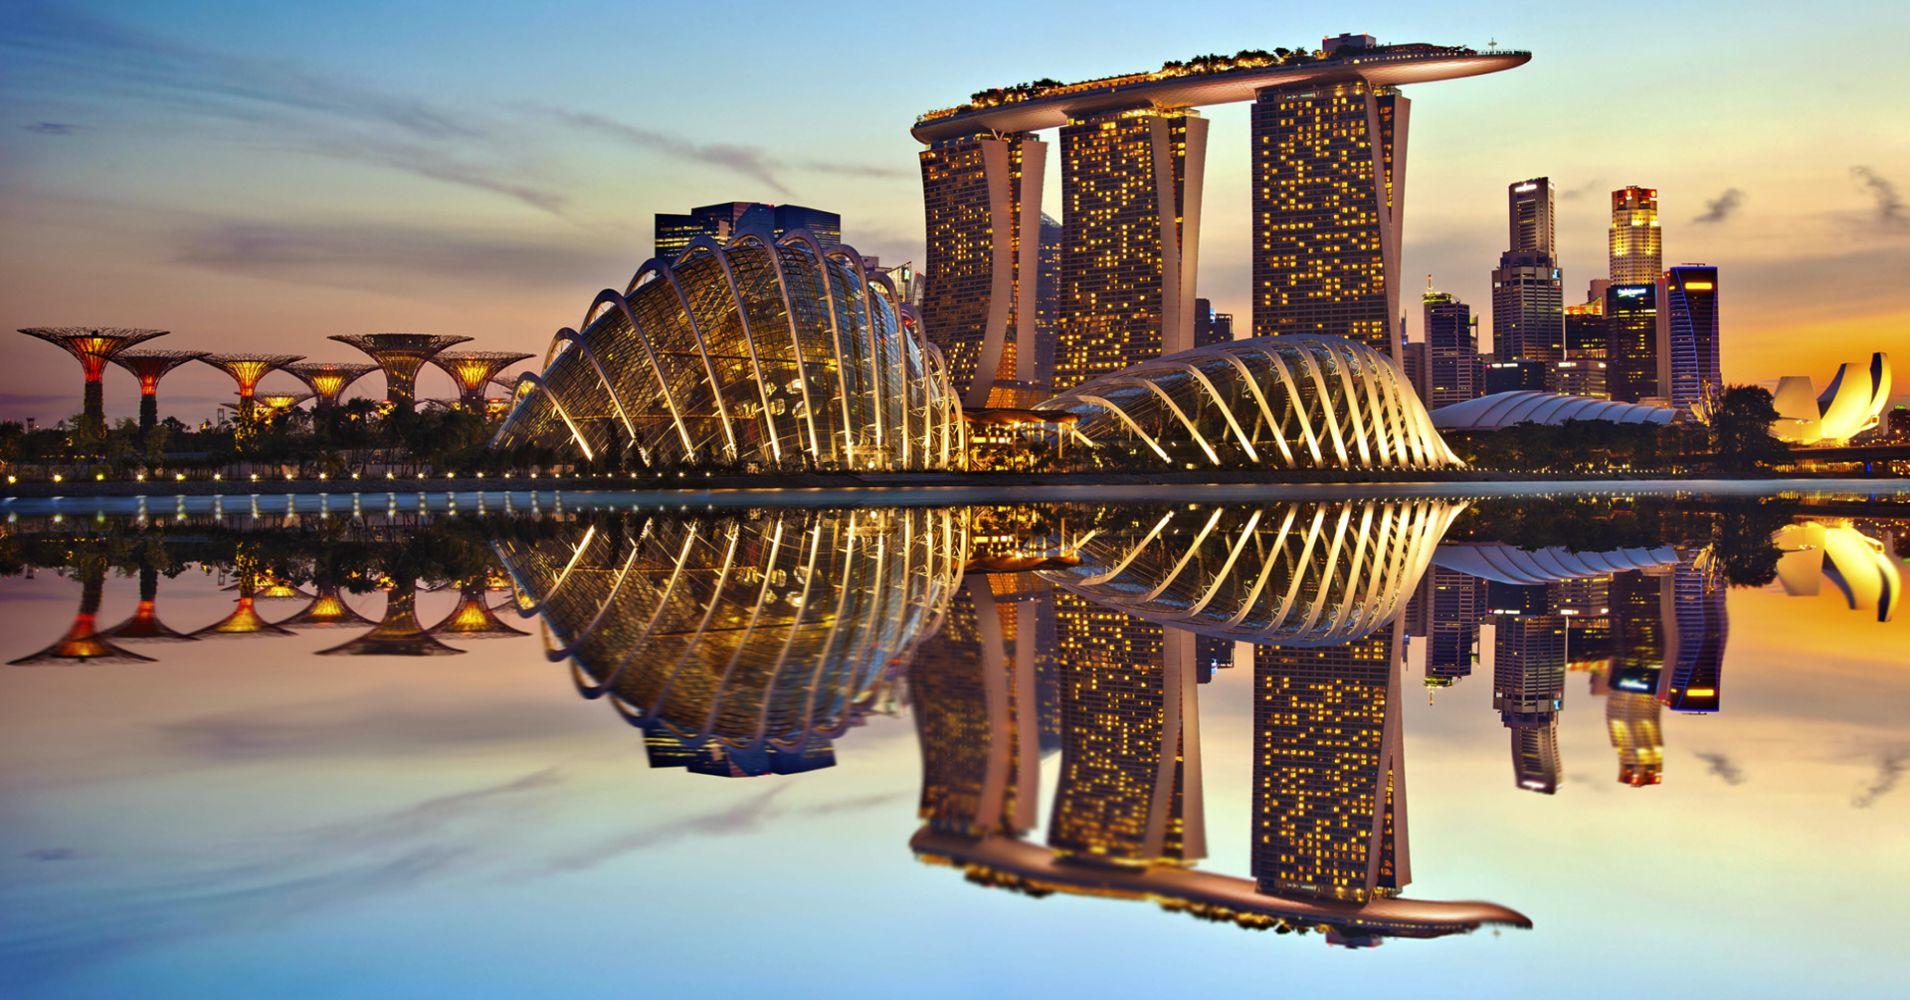 Capodanno Singapore + Crociera Costa Fortuna Cabina Interna 6 Notti Partenza 24 Dicembre